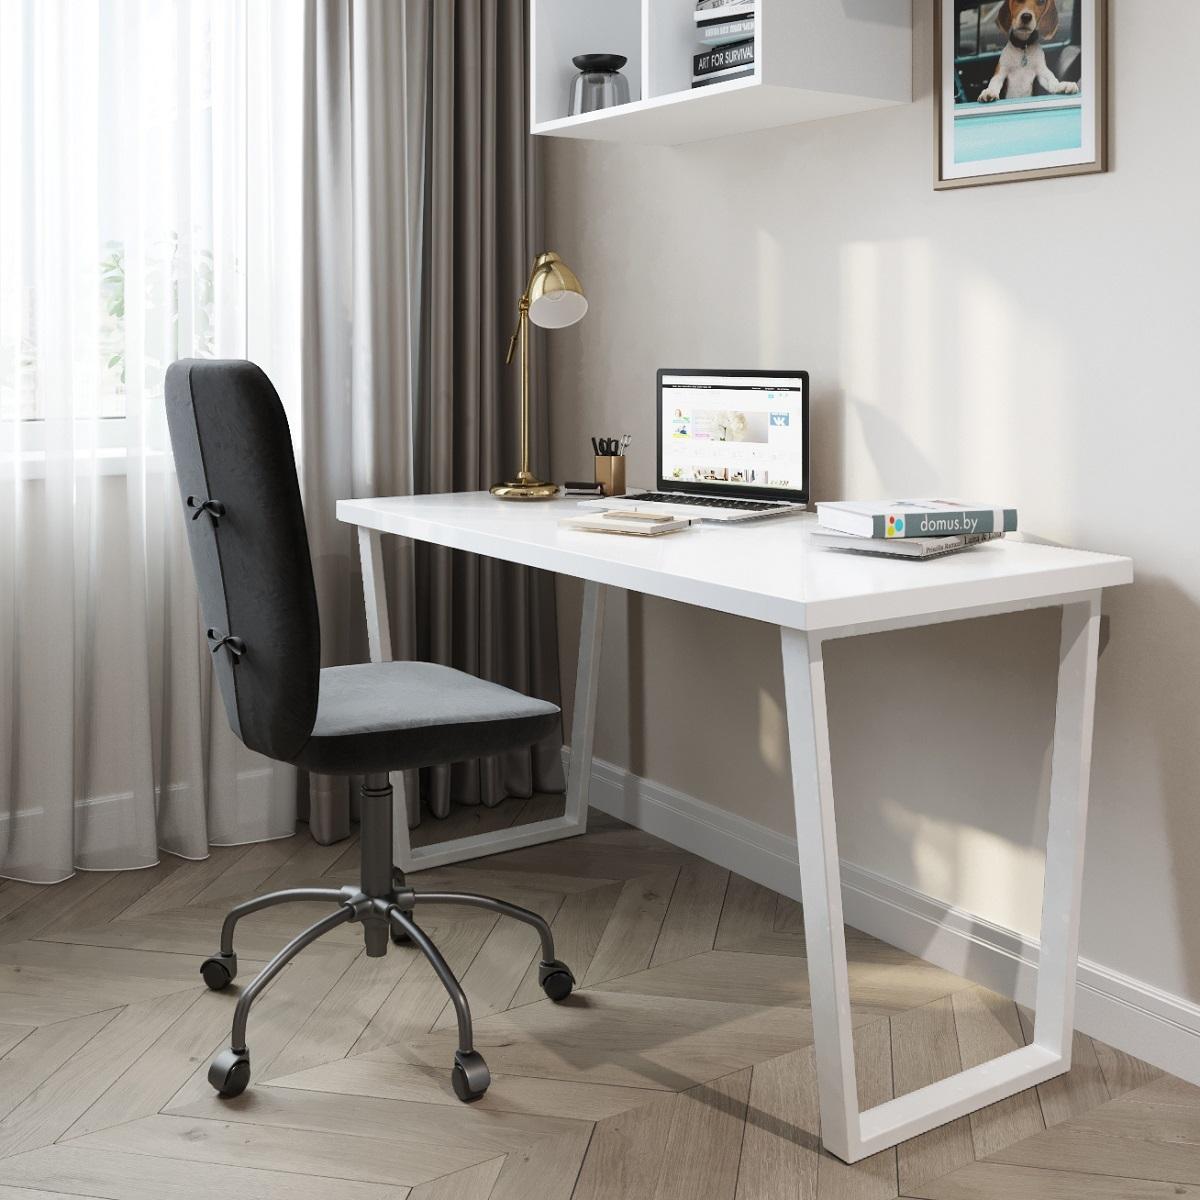 Письменный стол ДОМУС СП013 белый/металл белый